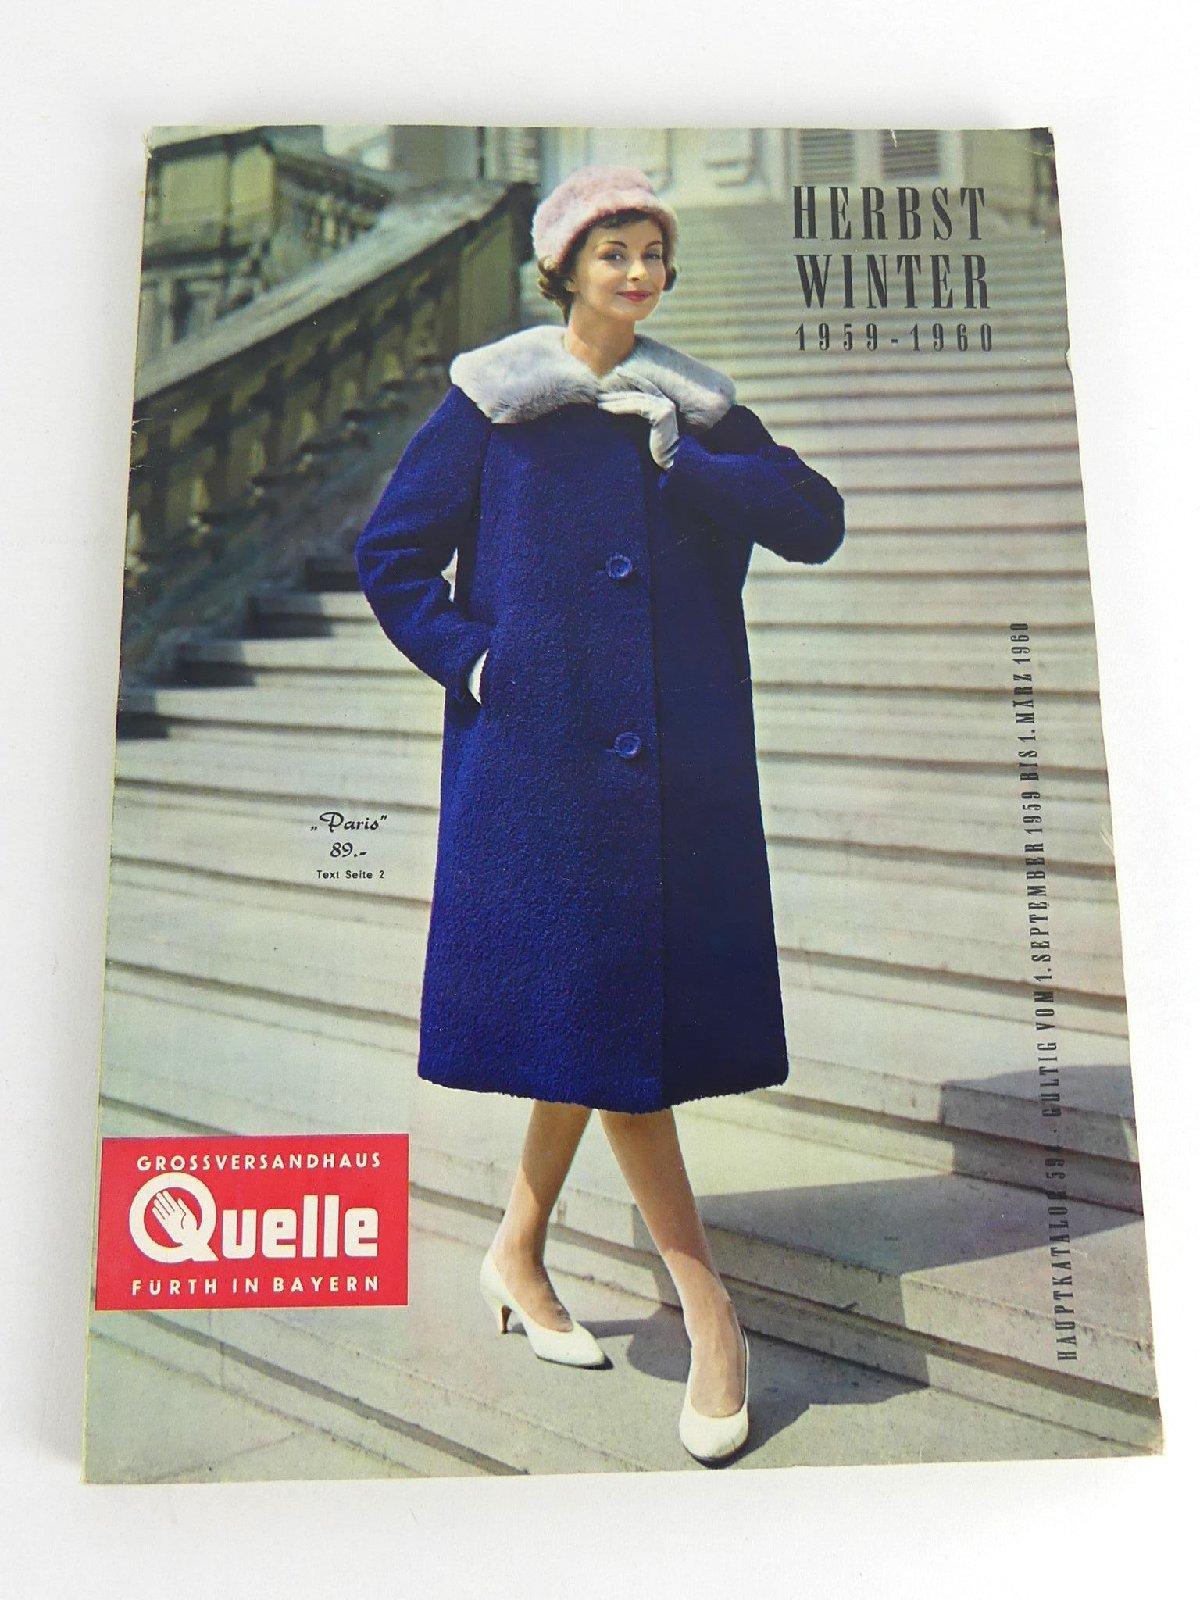 9a75646d9da99a QUELLE Katalog Herbst-Winter 1959-1960 Modekatalog Prospekt